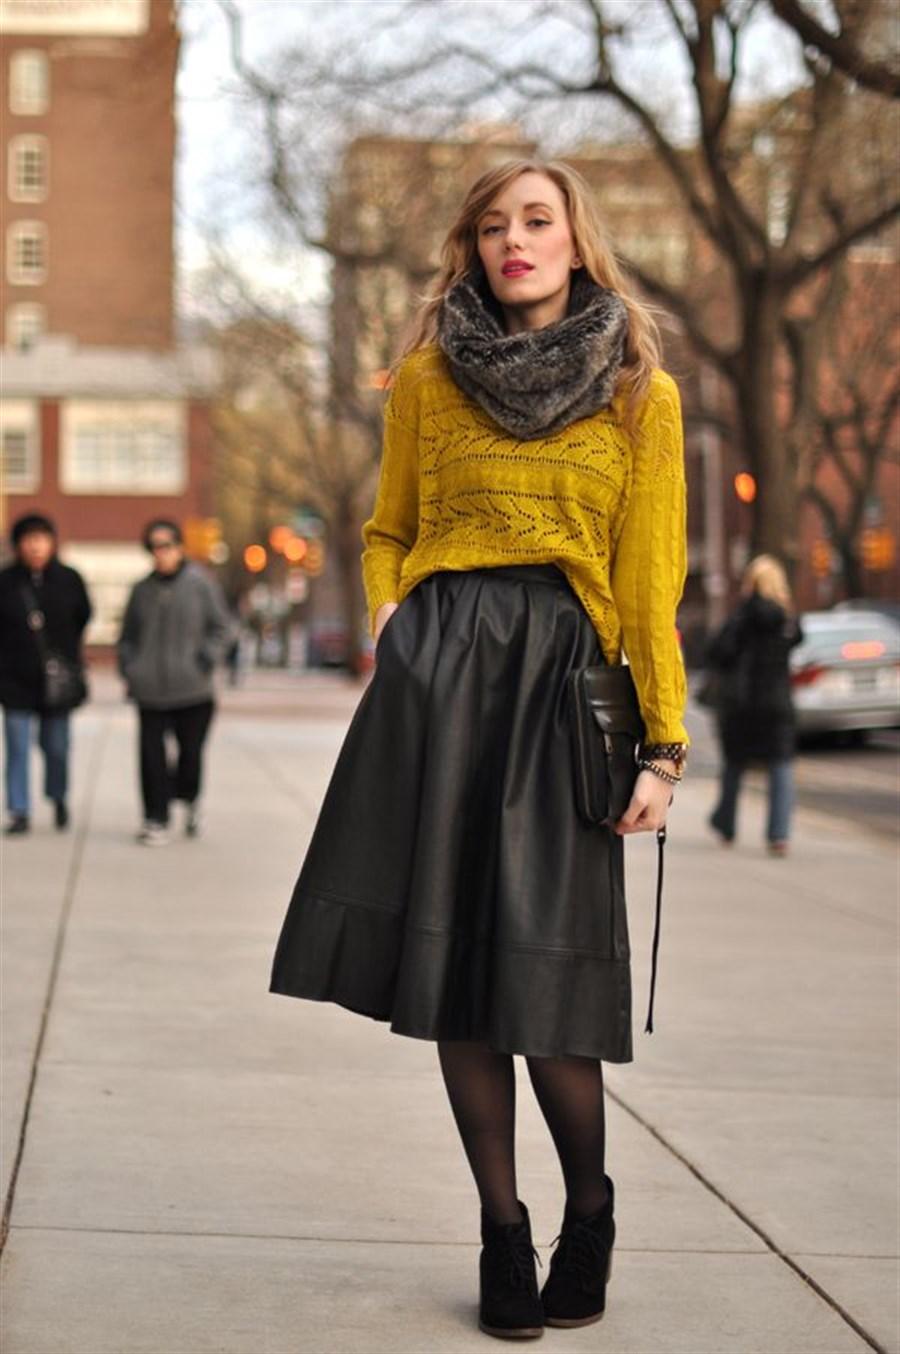 Образ с ярким свитером и кожаной юбкой-солнце aa5c14c0d0f